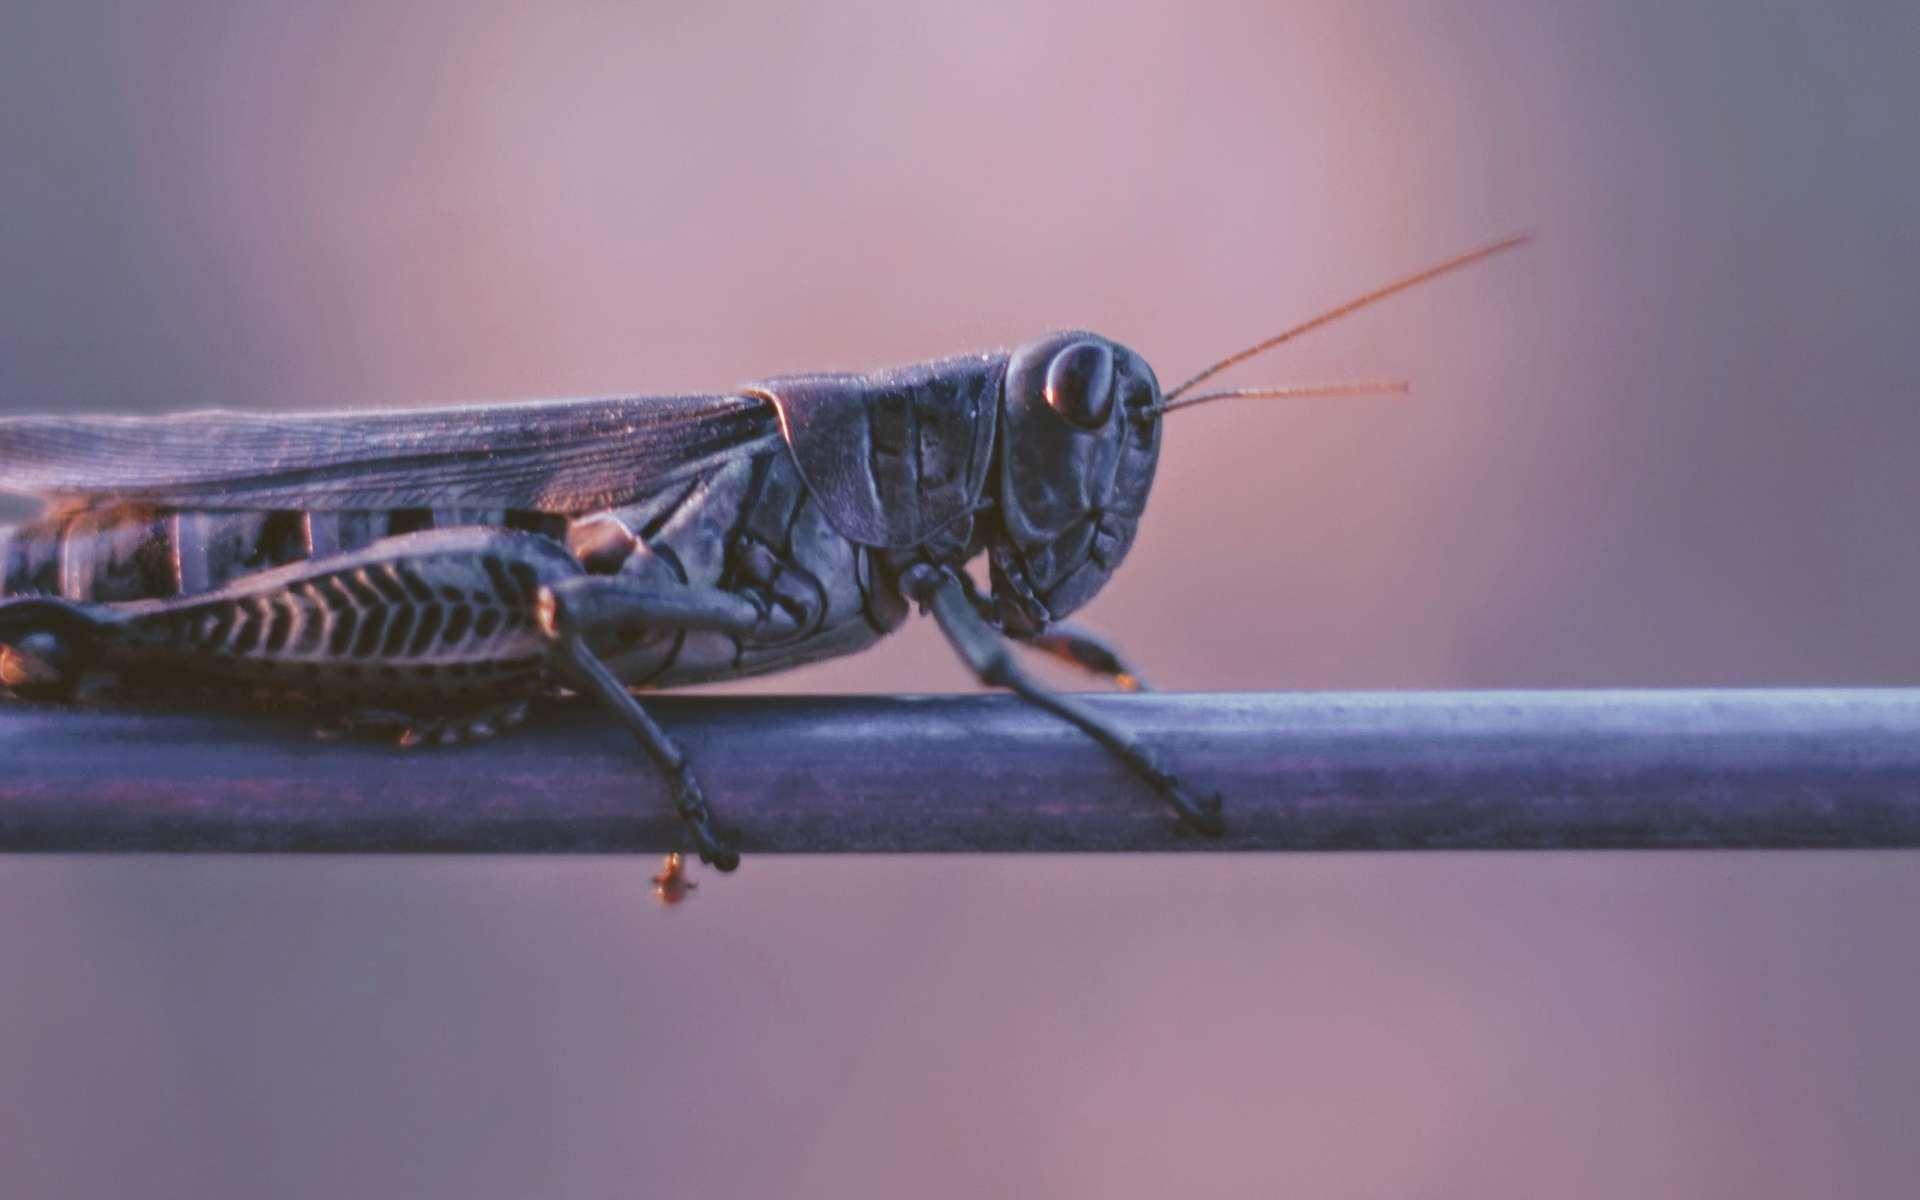 Le réchauffement climatique va rendre les insectes plus nombreux et plus voraces. © Joshua Hoehne, Unsplash